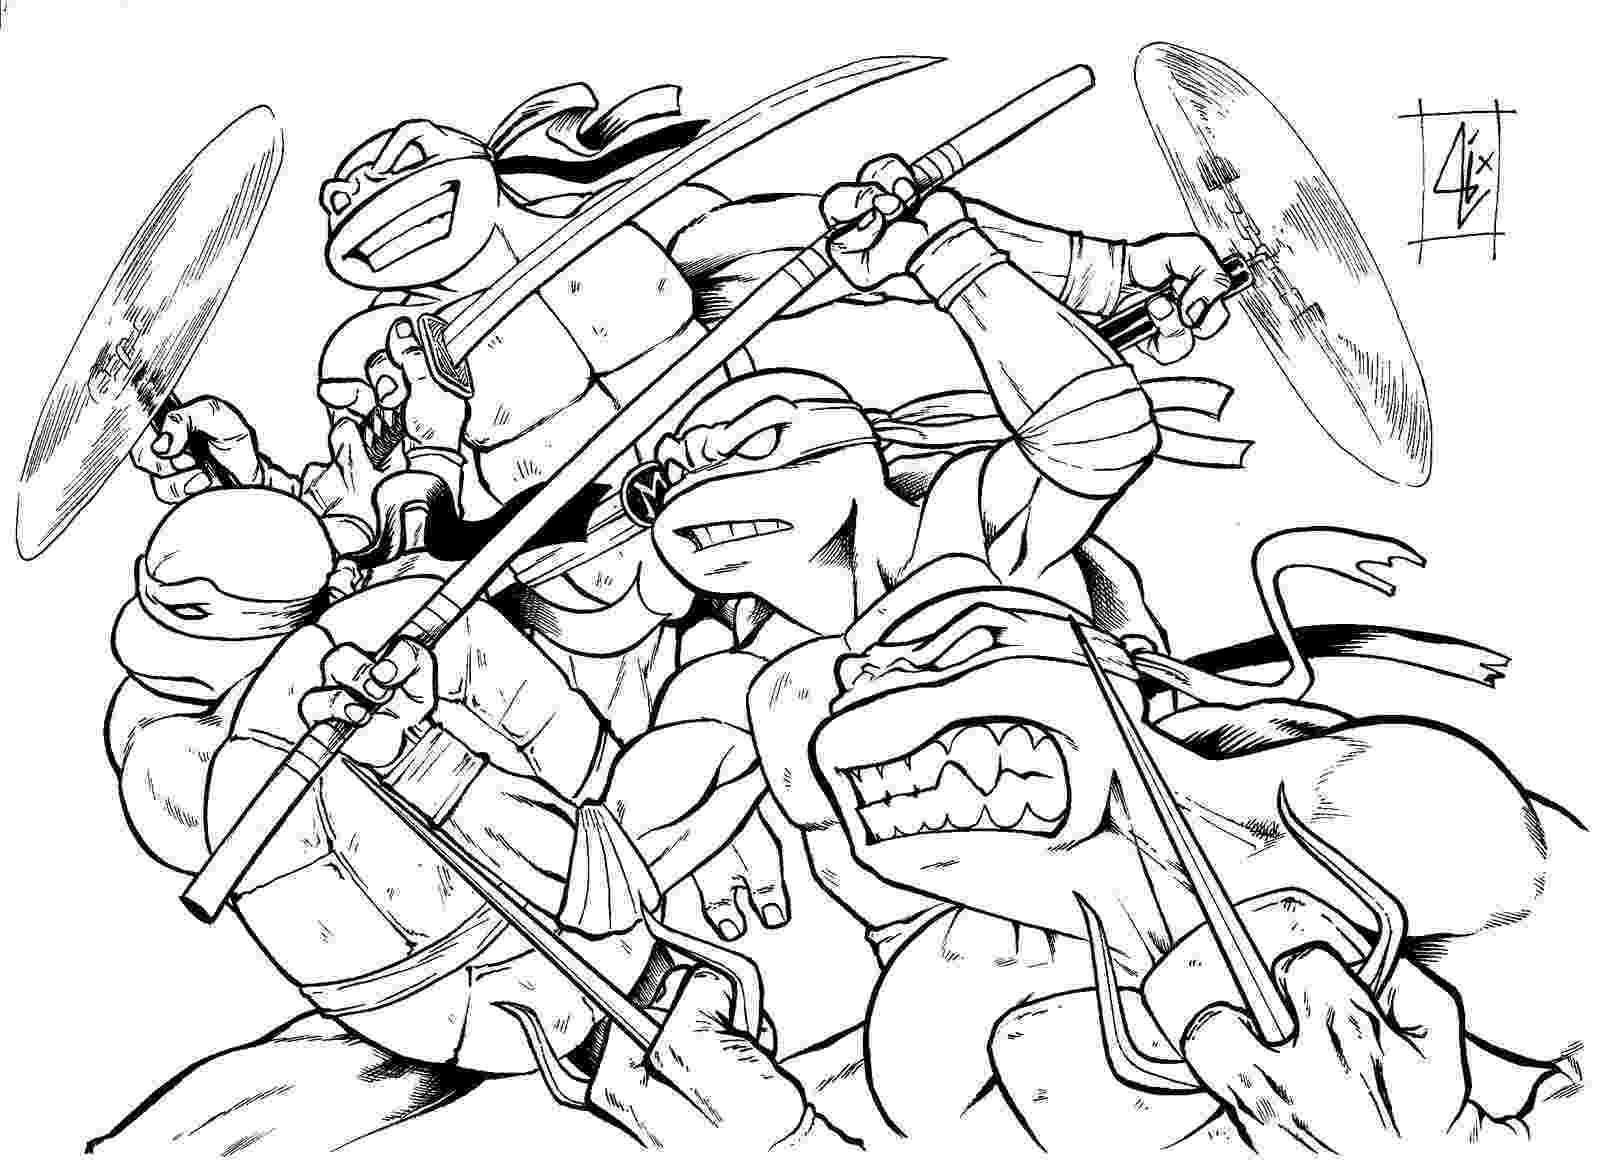 colouring pages ninja turtles craftoholic teenage mutant ninja turtles coloring pages colouring turtles ninja pages